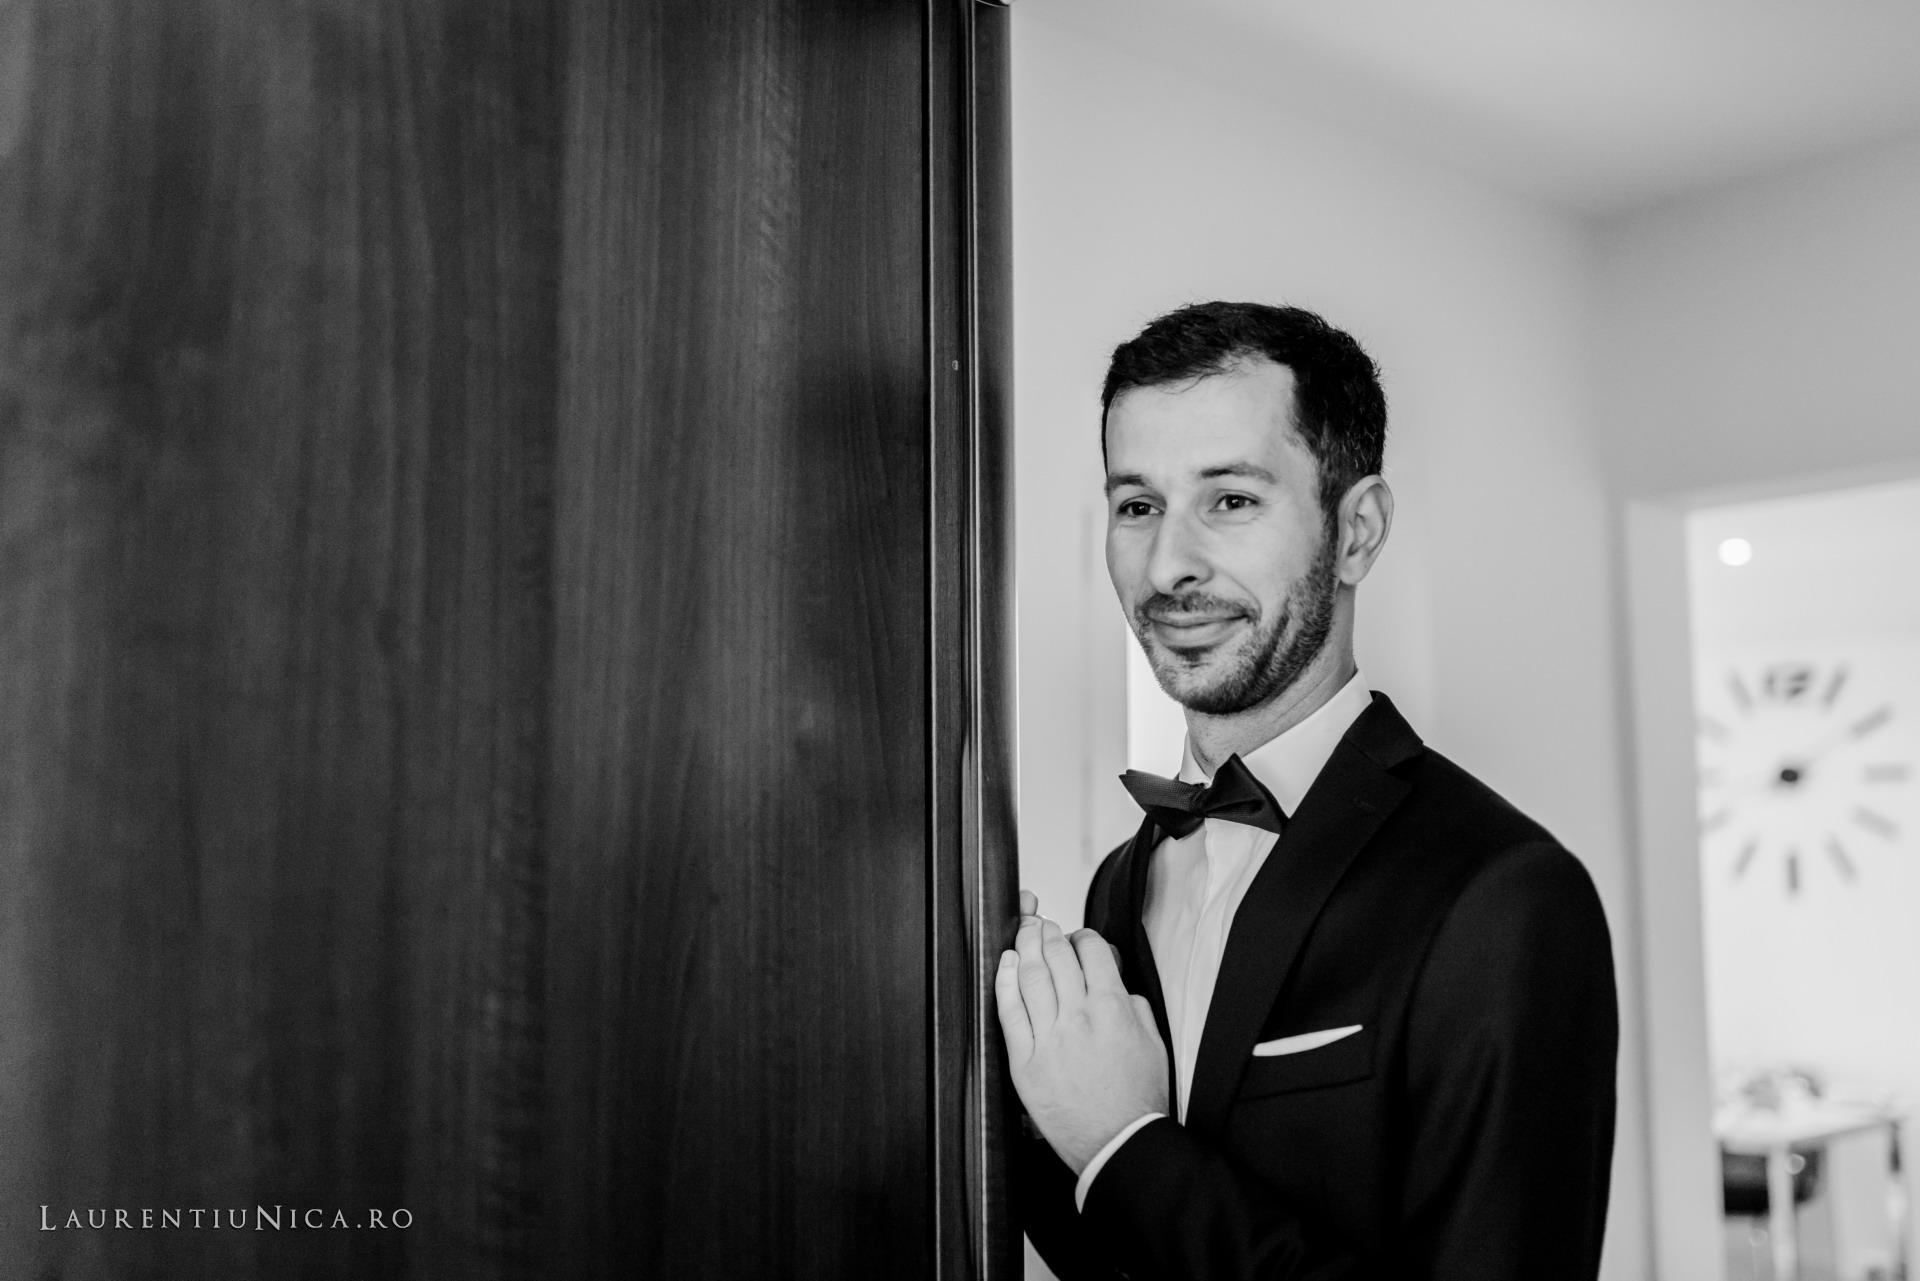 carolina si sorin craiova fotograf nunta laurentiu nica13 - Carolina & Sorin | Fotografii nunta